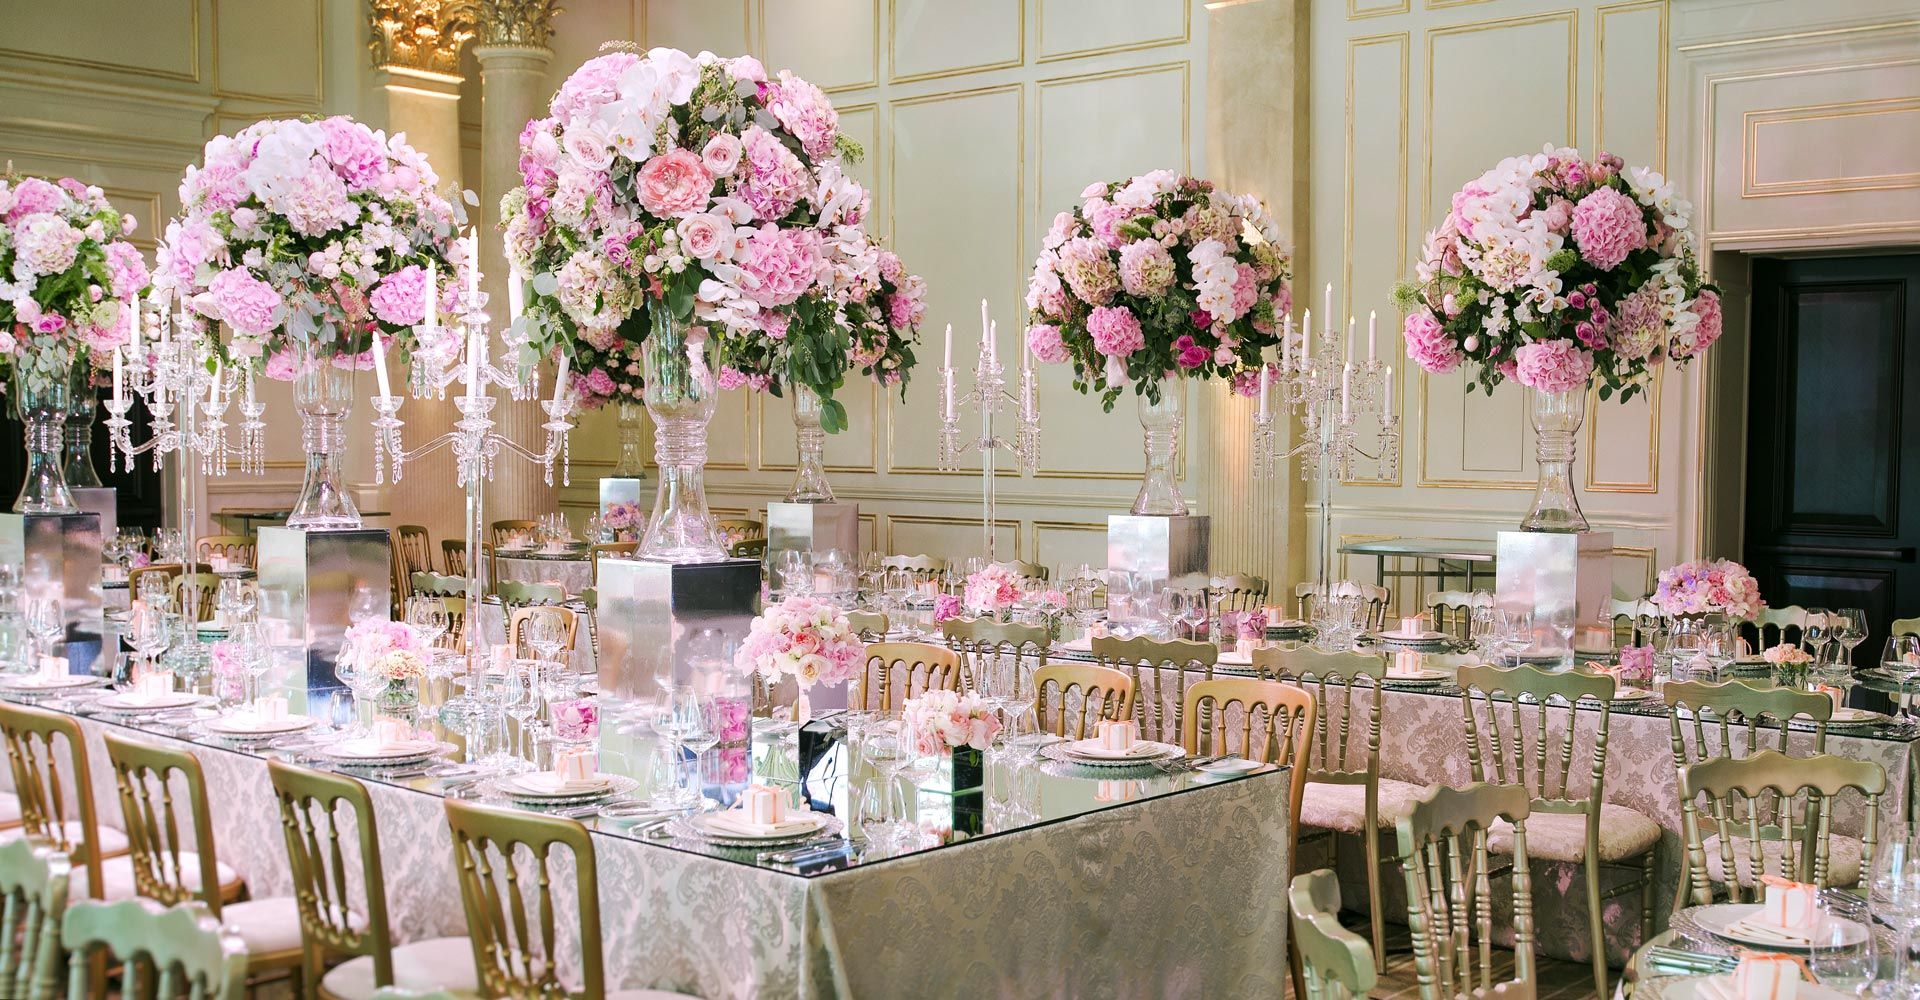 Студия декора Юлии Шакировой, цветочная свадьба, фото 19